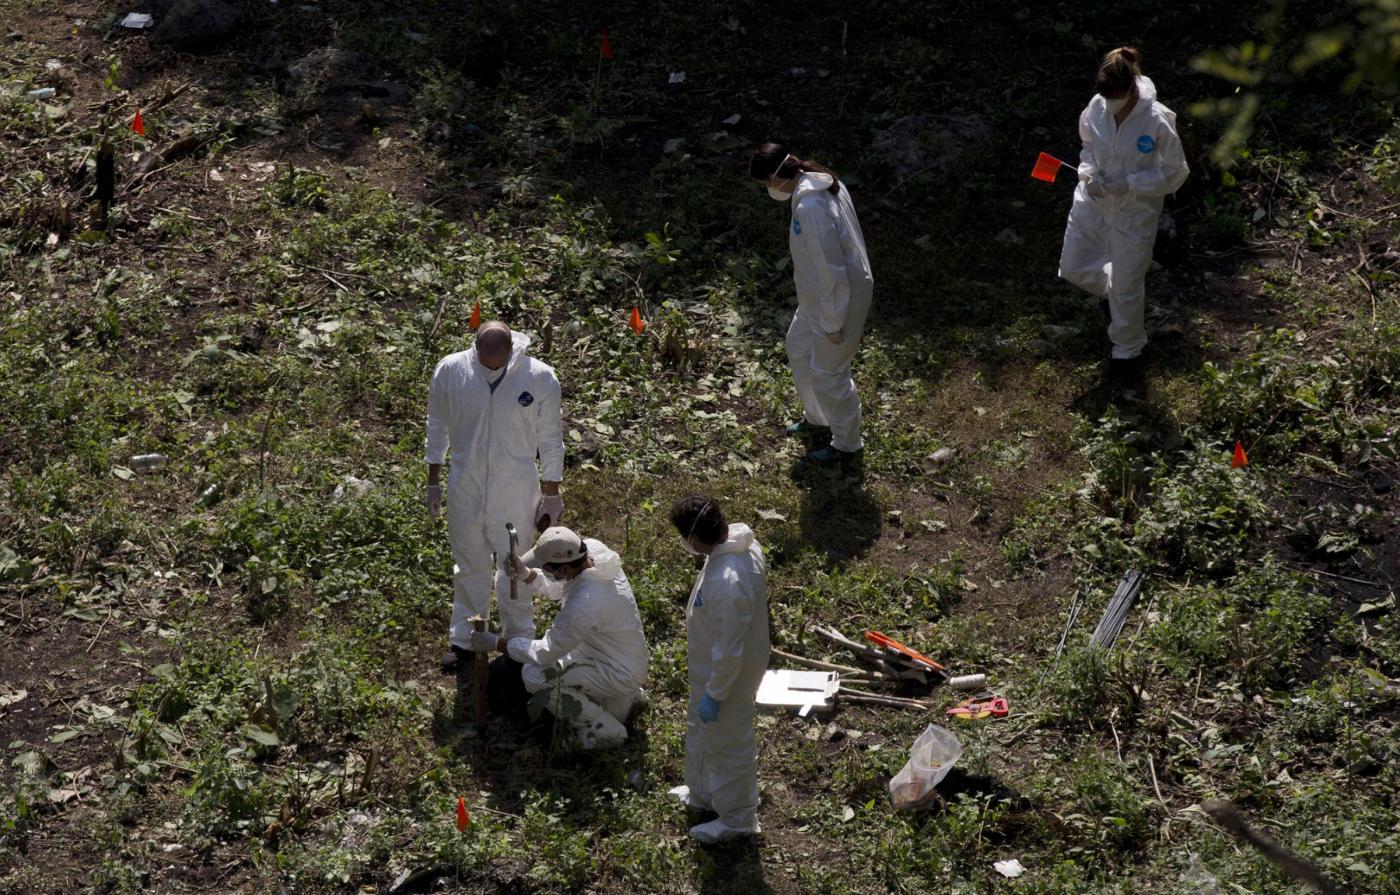 Studenti scomparsi in Messico: tre sicari dei narcos confessano di averli uccisi